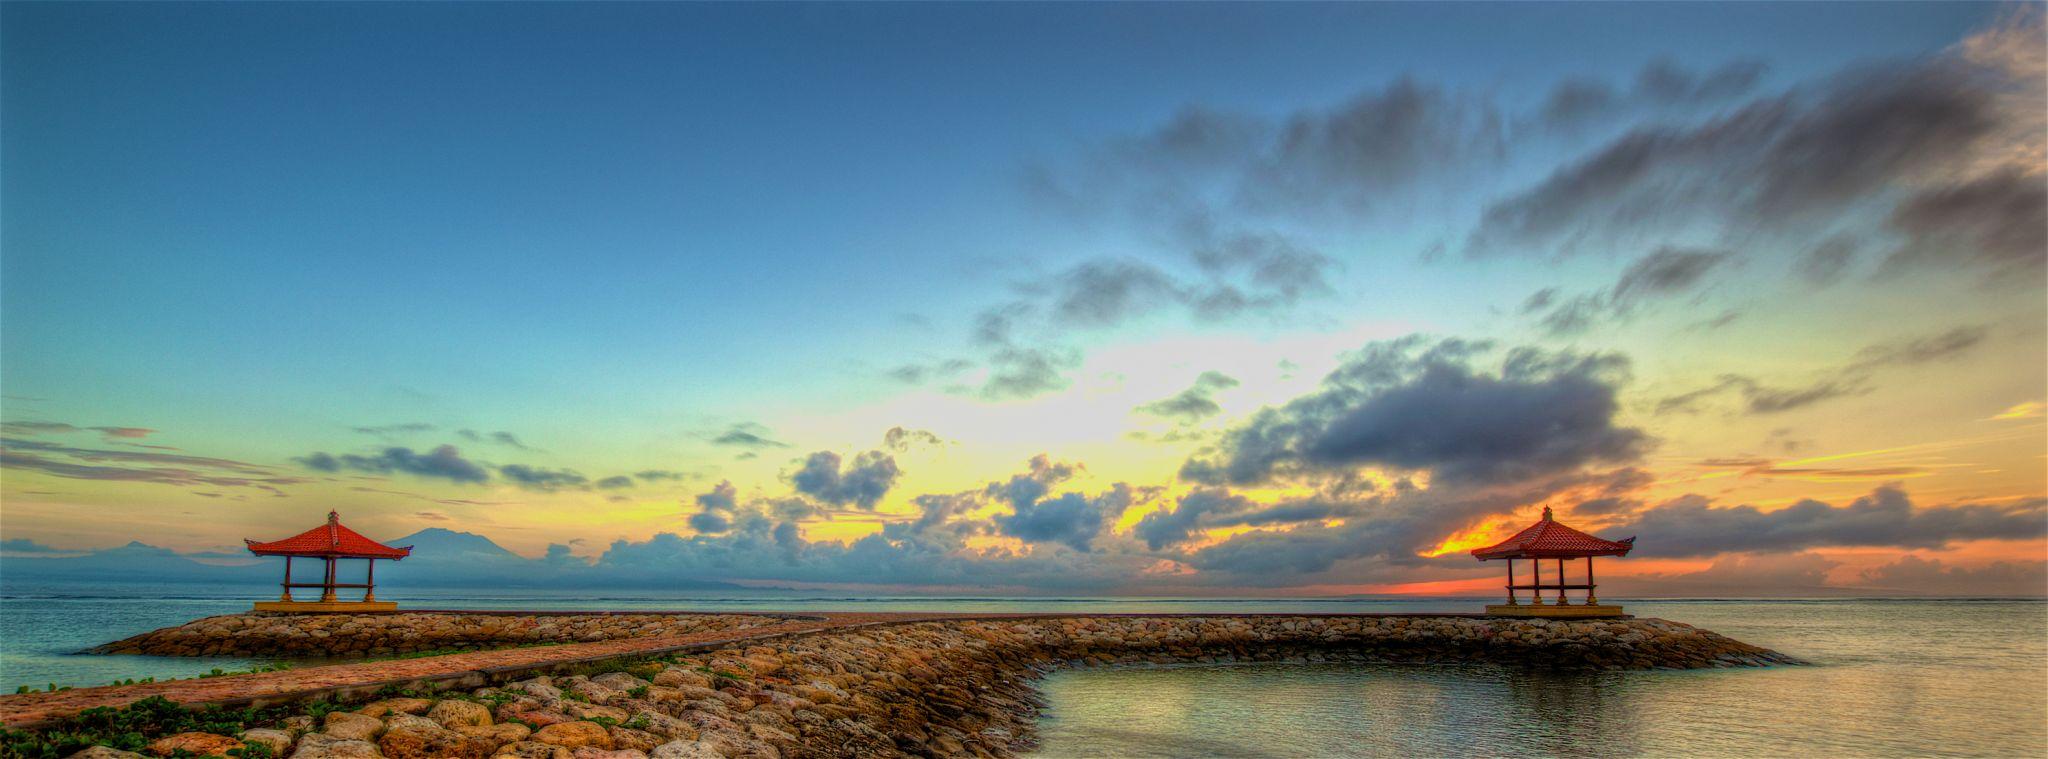 Werdhapura Beach, Indonesia